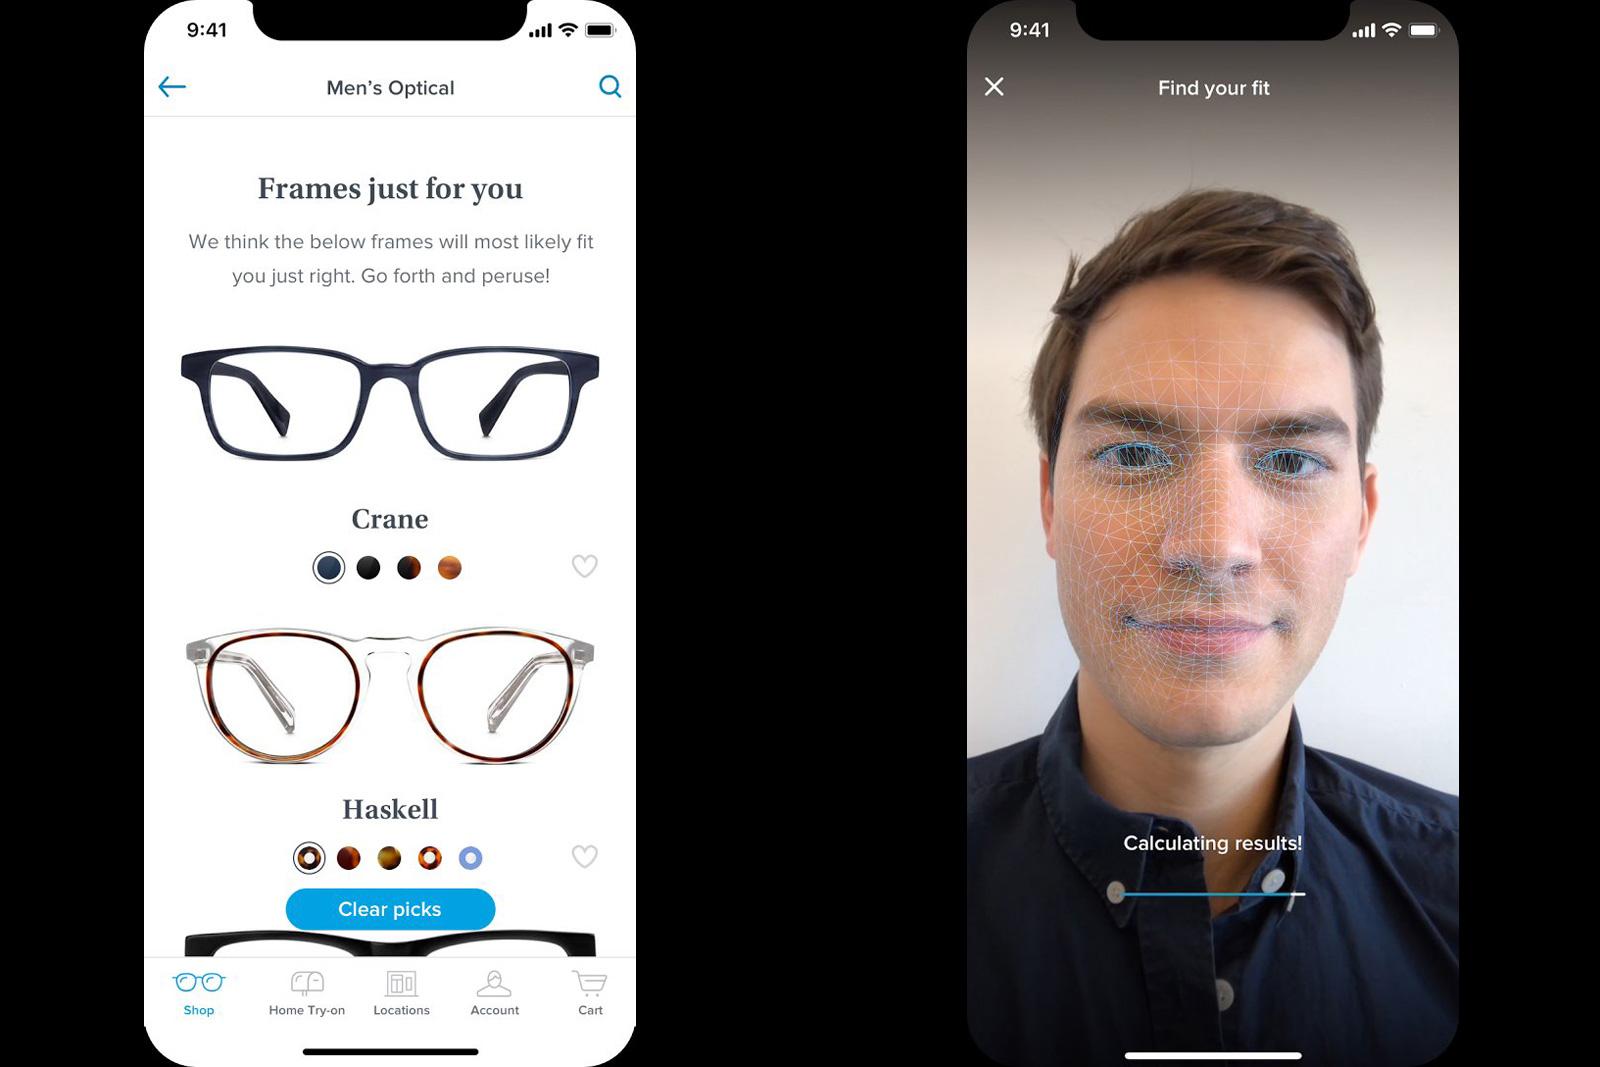 Ya hay una empresa que está aprovechando el potencial de los sensores de Face ID